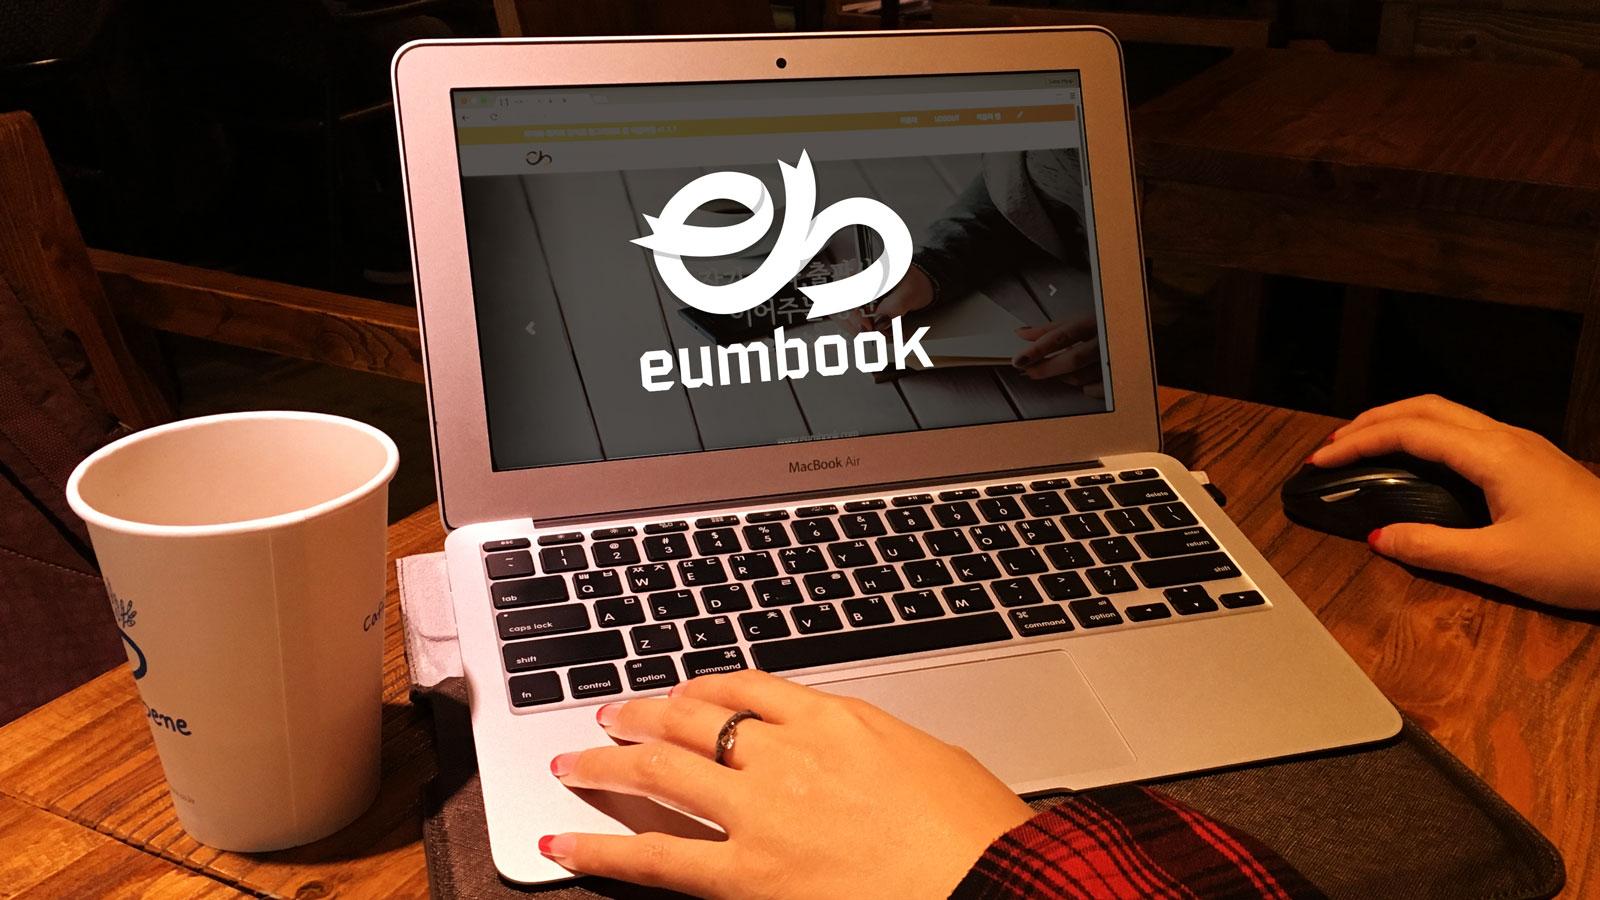 eumbook